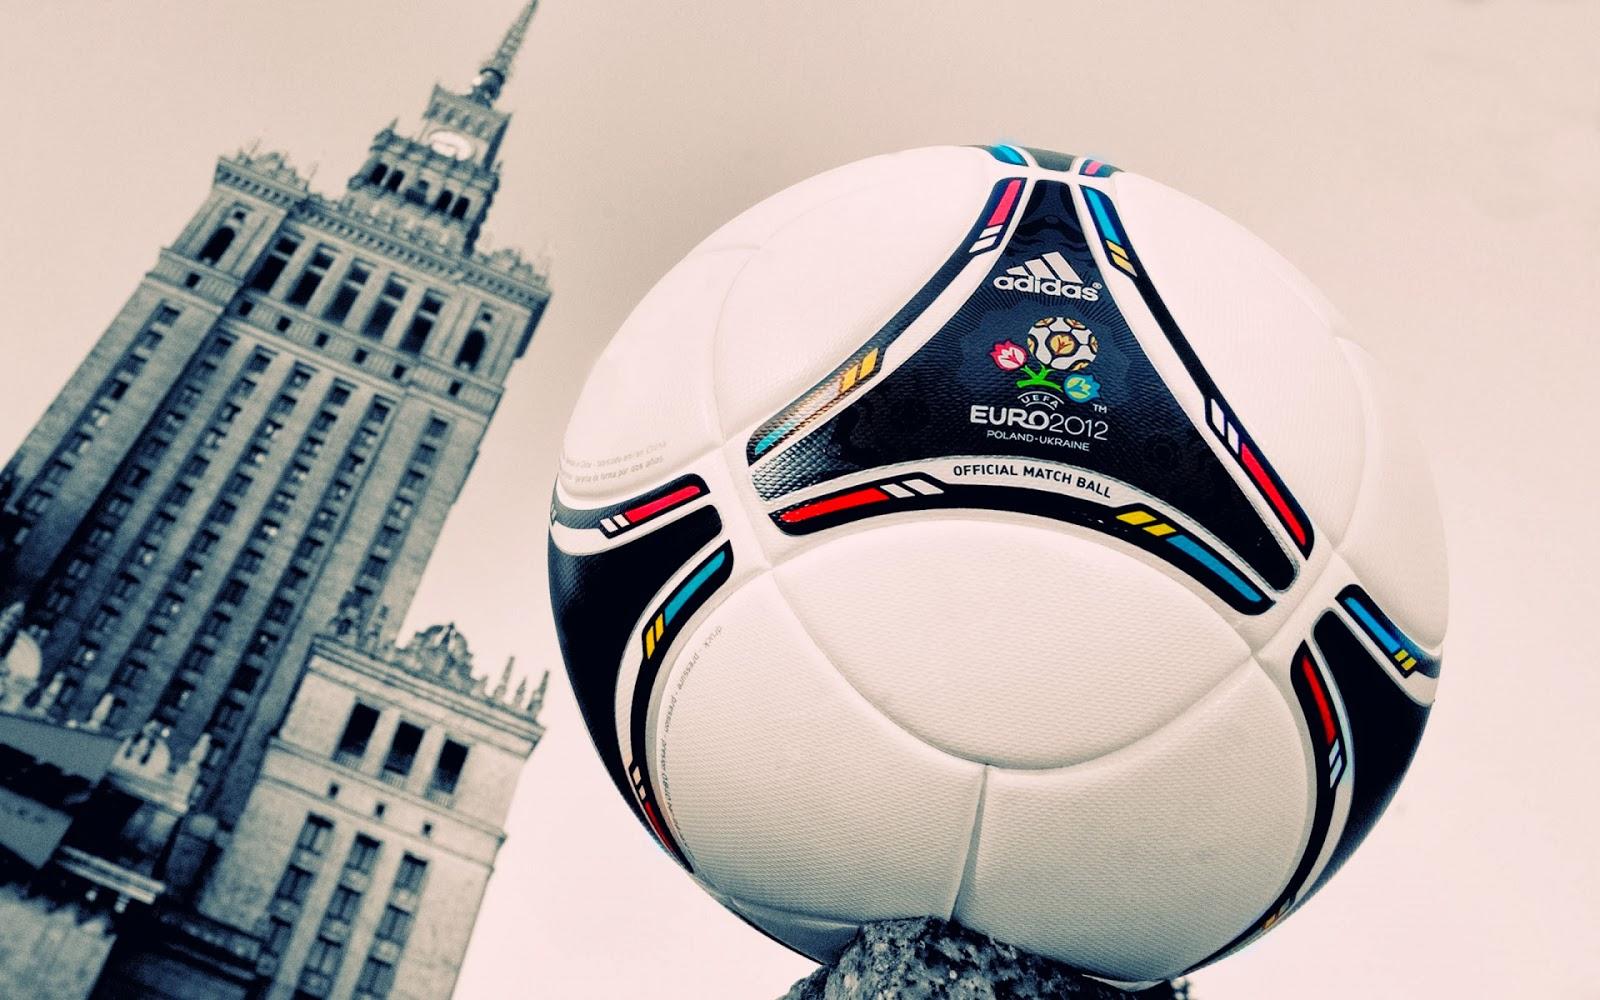 """<img src=""""http://1.bp.blogspot.com/-skCDizYS6EQ/UuAgBJZ05BI/AAAAAAAAJz4/TEDaJFepM0U/s1600/uefa-euro-2012-match-ball.jpg"""" alt=""""uefa euro 2012 match ball"""" />"""